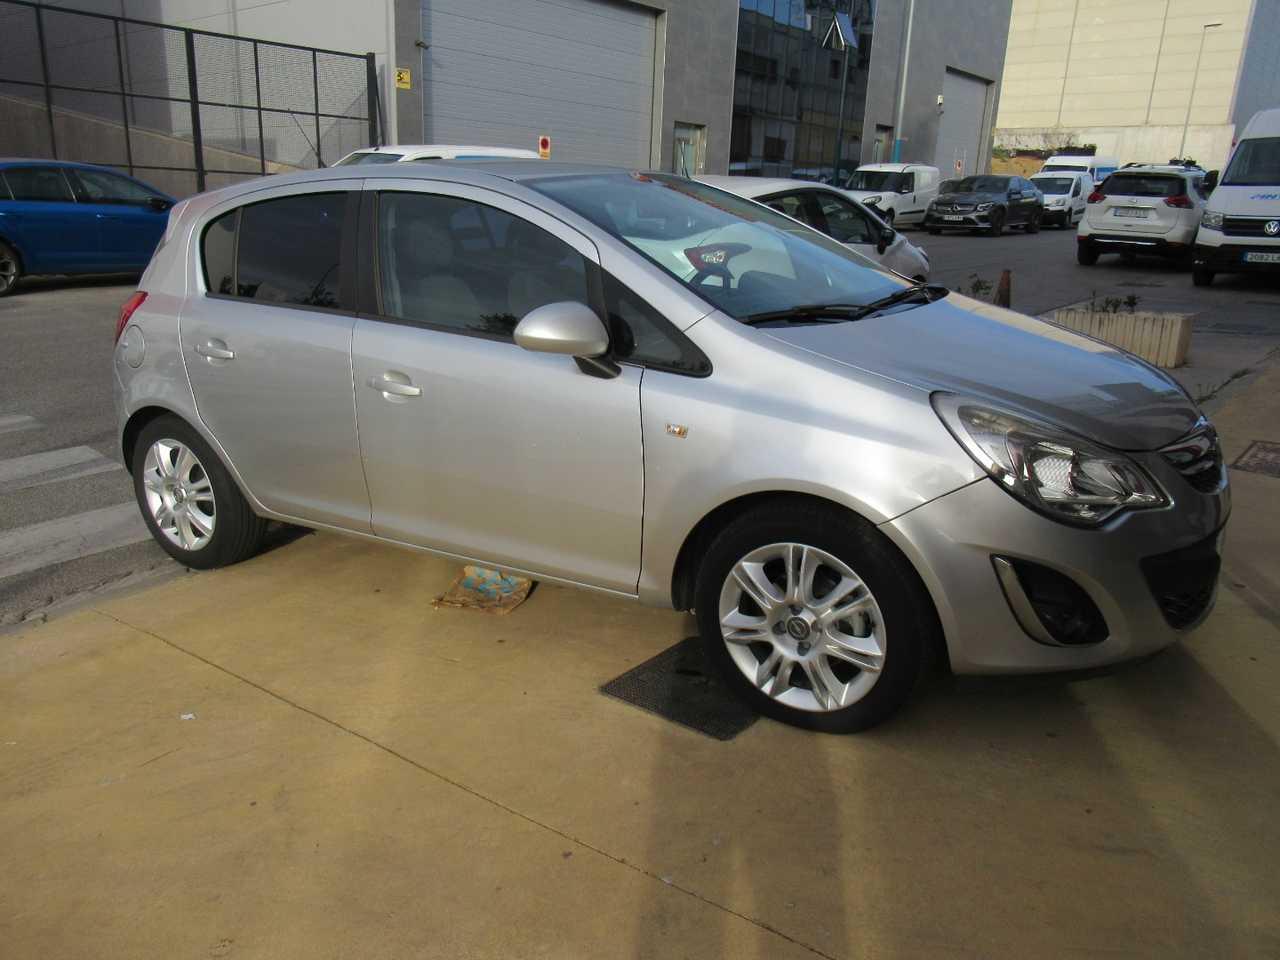 Opel Corsa 12 85 cv C.MON CINCO PUERTAS UN SOLO PROPIETARIO, CERTIFICADO DE KM Y CARROCERIA   - Foto 1